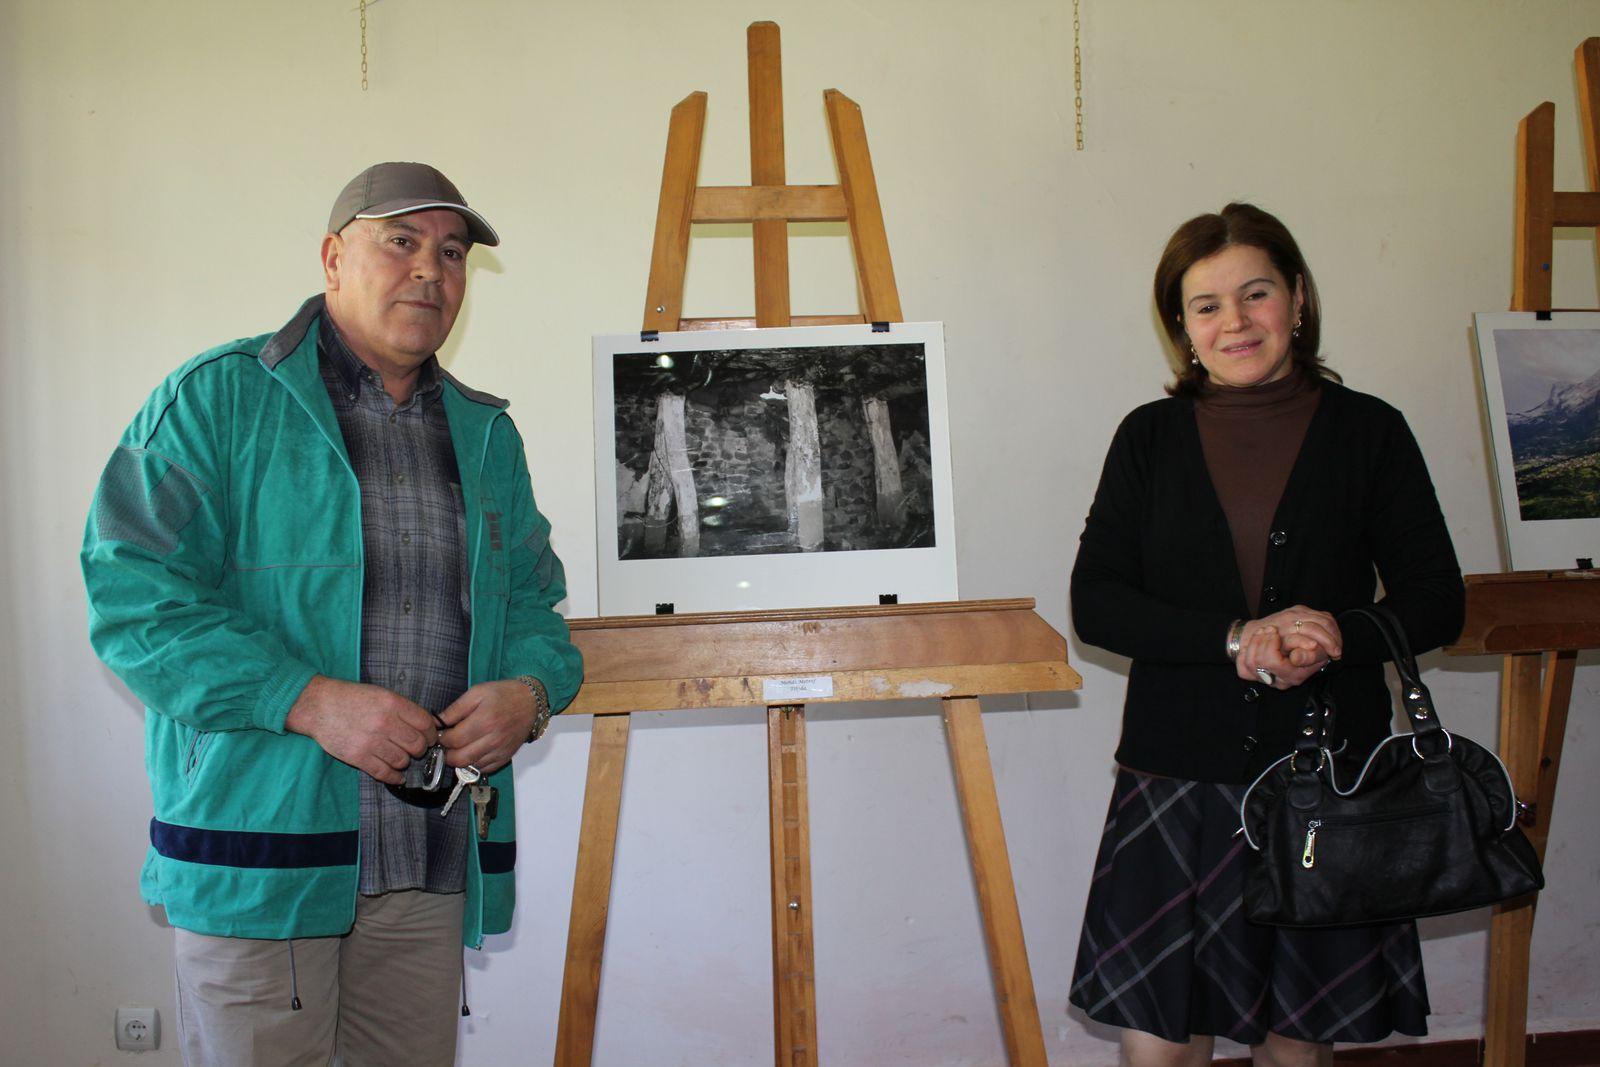 salle d'exposition Zemirli Mohamed à la maison de la culture Mouloud Mammeri de Tizi-Ouzou le 29 février et le 1 er mars 2012, par Studio 21école.